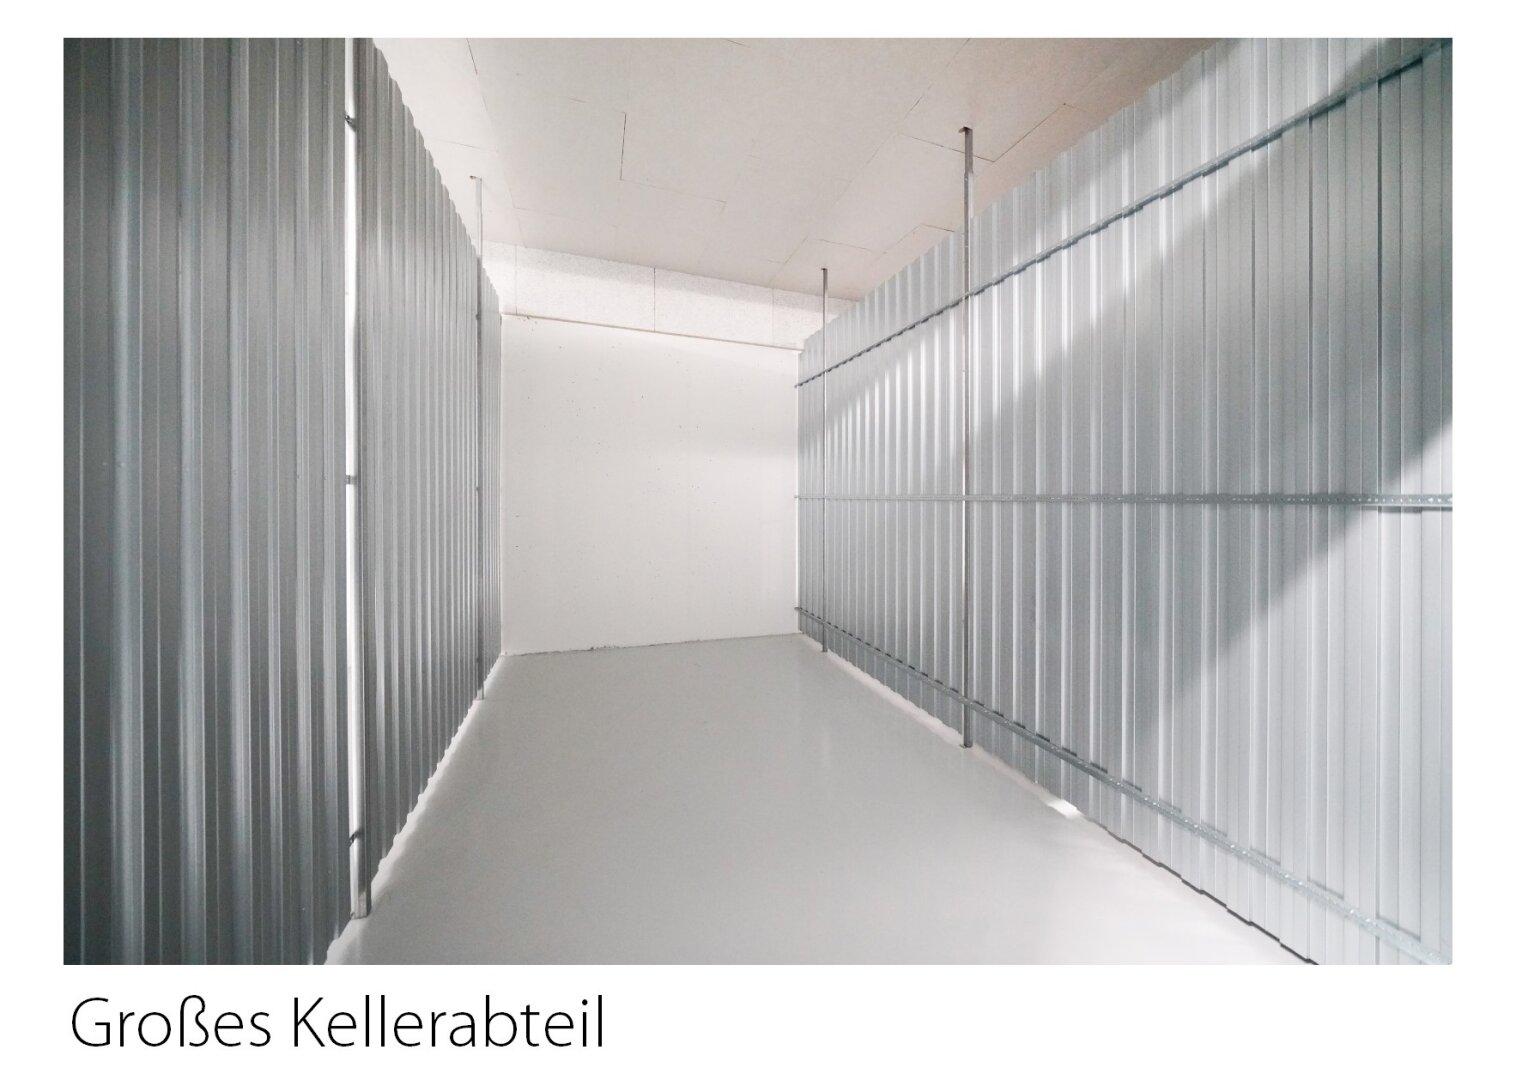 Kellerabteil